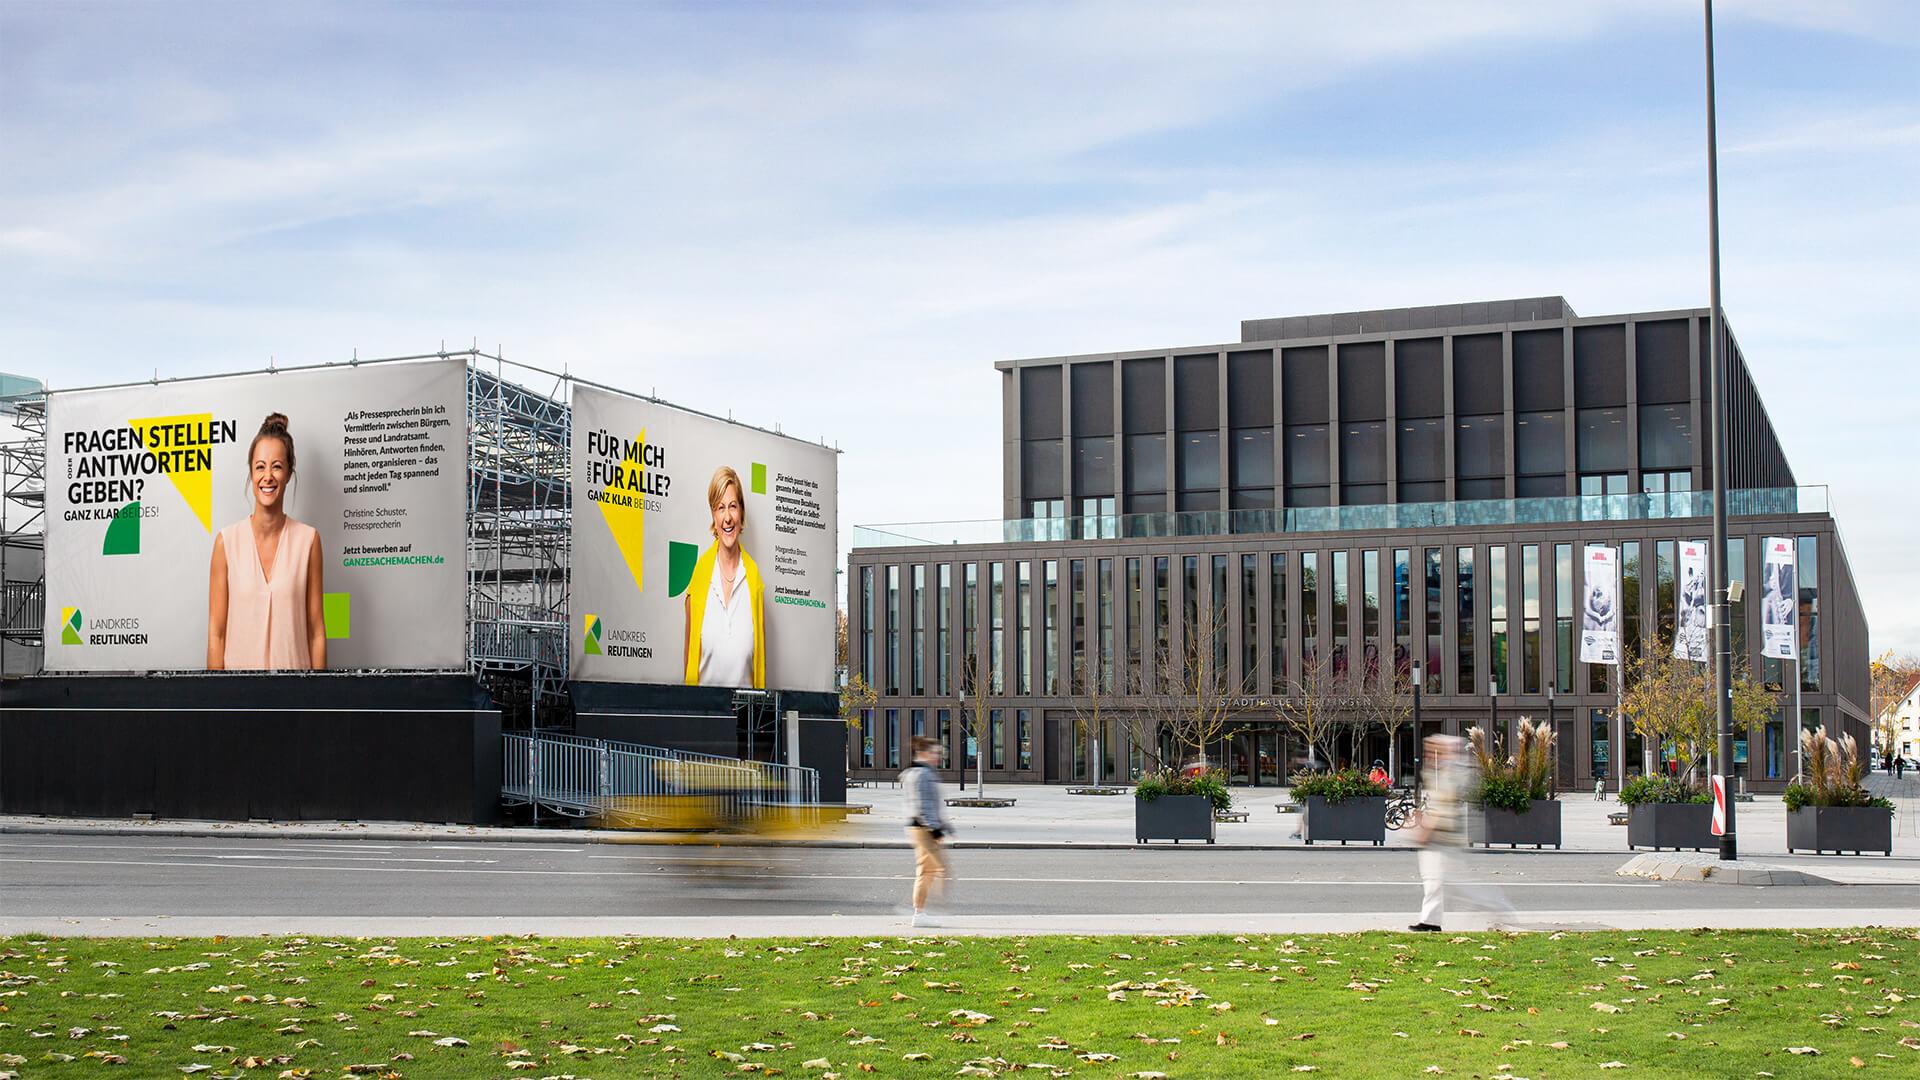 Employer Branding mitten in der Stadt: der Arbeitgeber Landratsamt Reutlingen stellt sich vor.